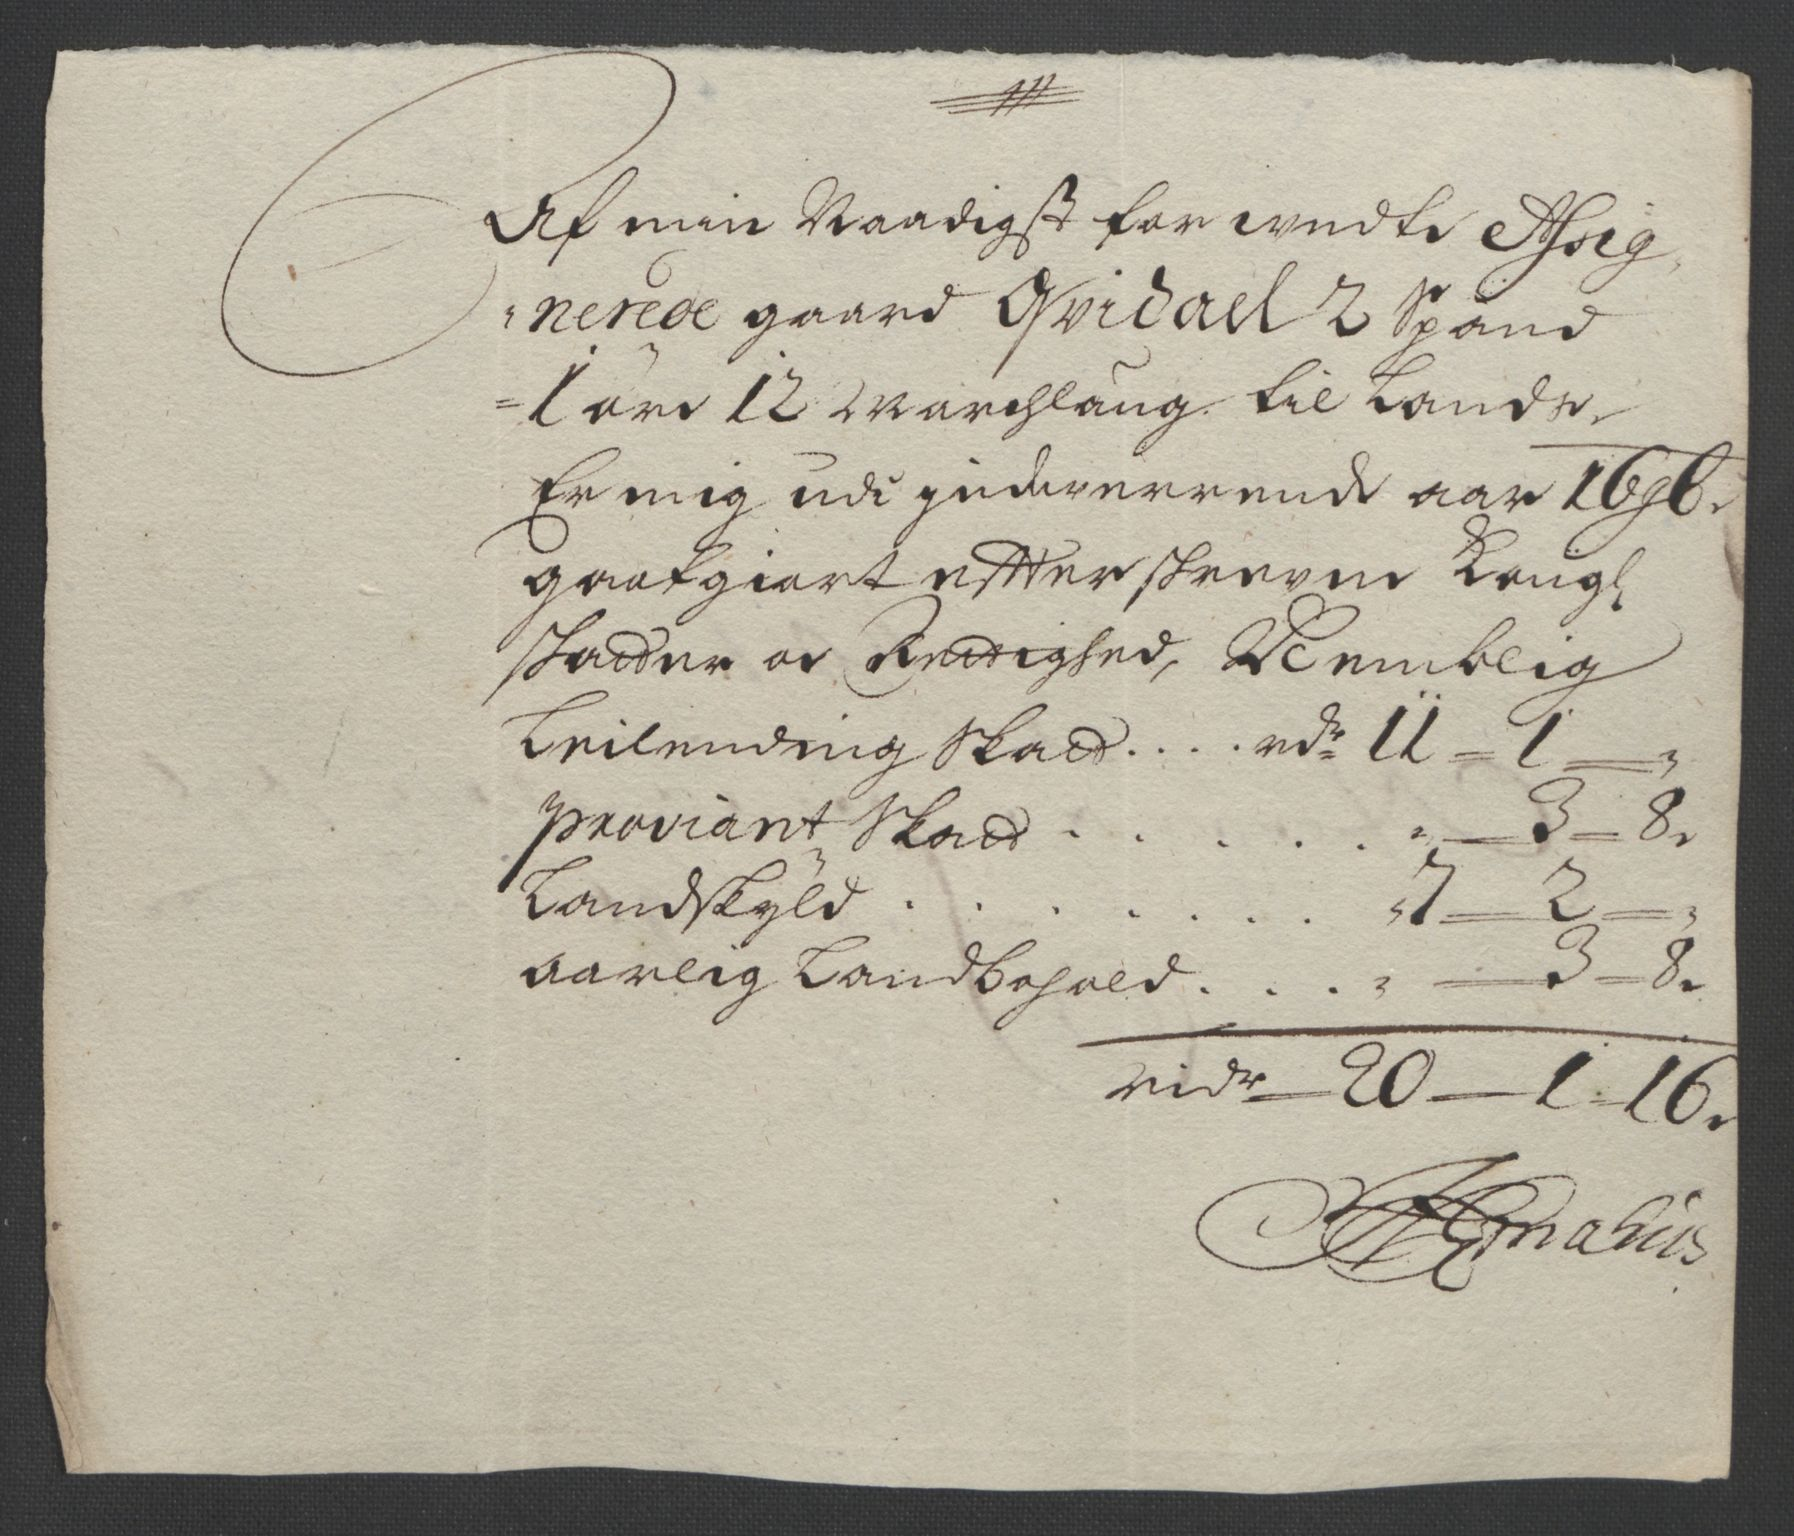 RA, Rentekammeret inntil 1814, Reviderte regnskaper, Fogderegnskap, R57/L3851: Fogderegnskap Fosen, 1695-1696, s. 285